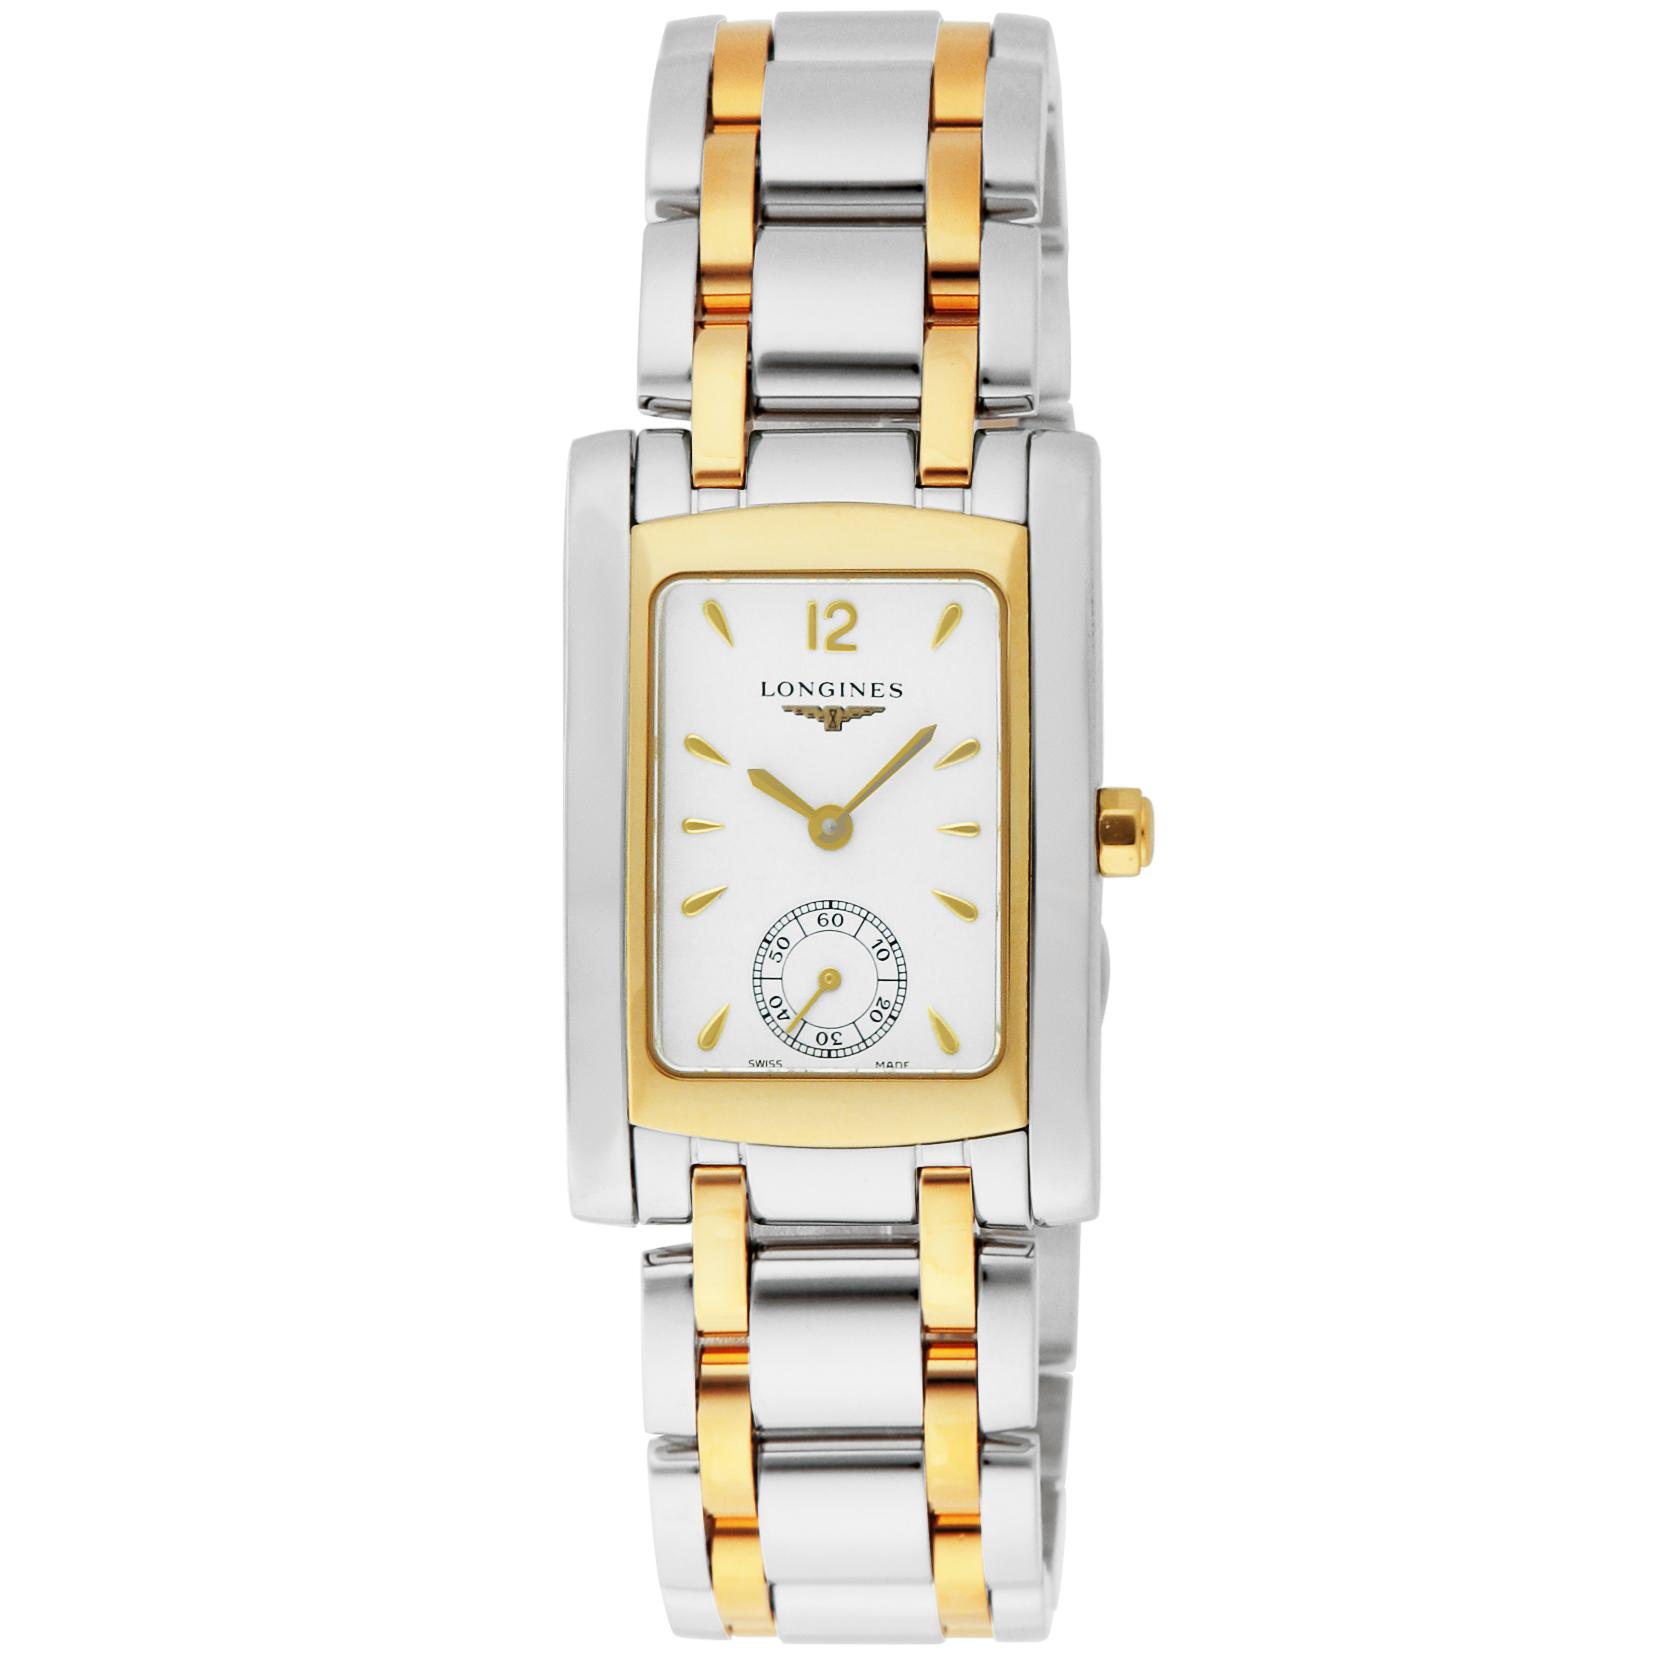 LONGINES(ロンジン) ■腕時計 ドルチェビータ レディース ホワイト L5.502.5.28.7